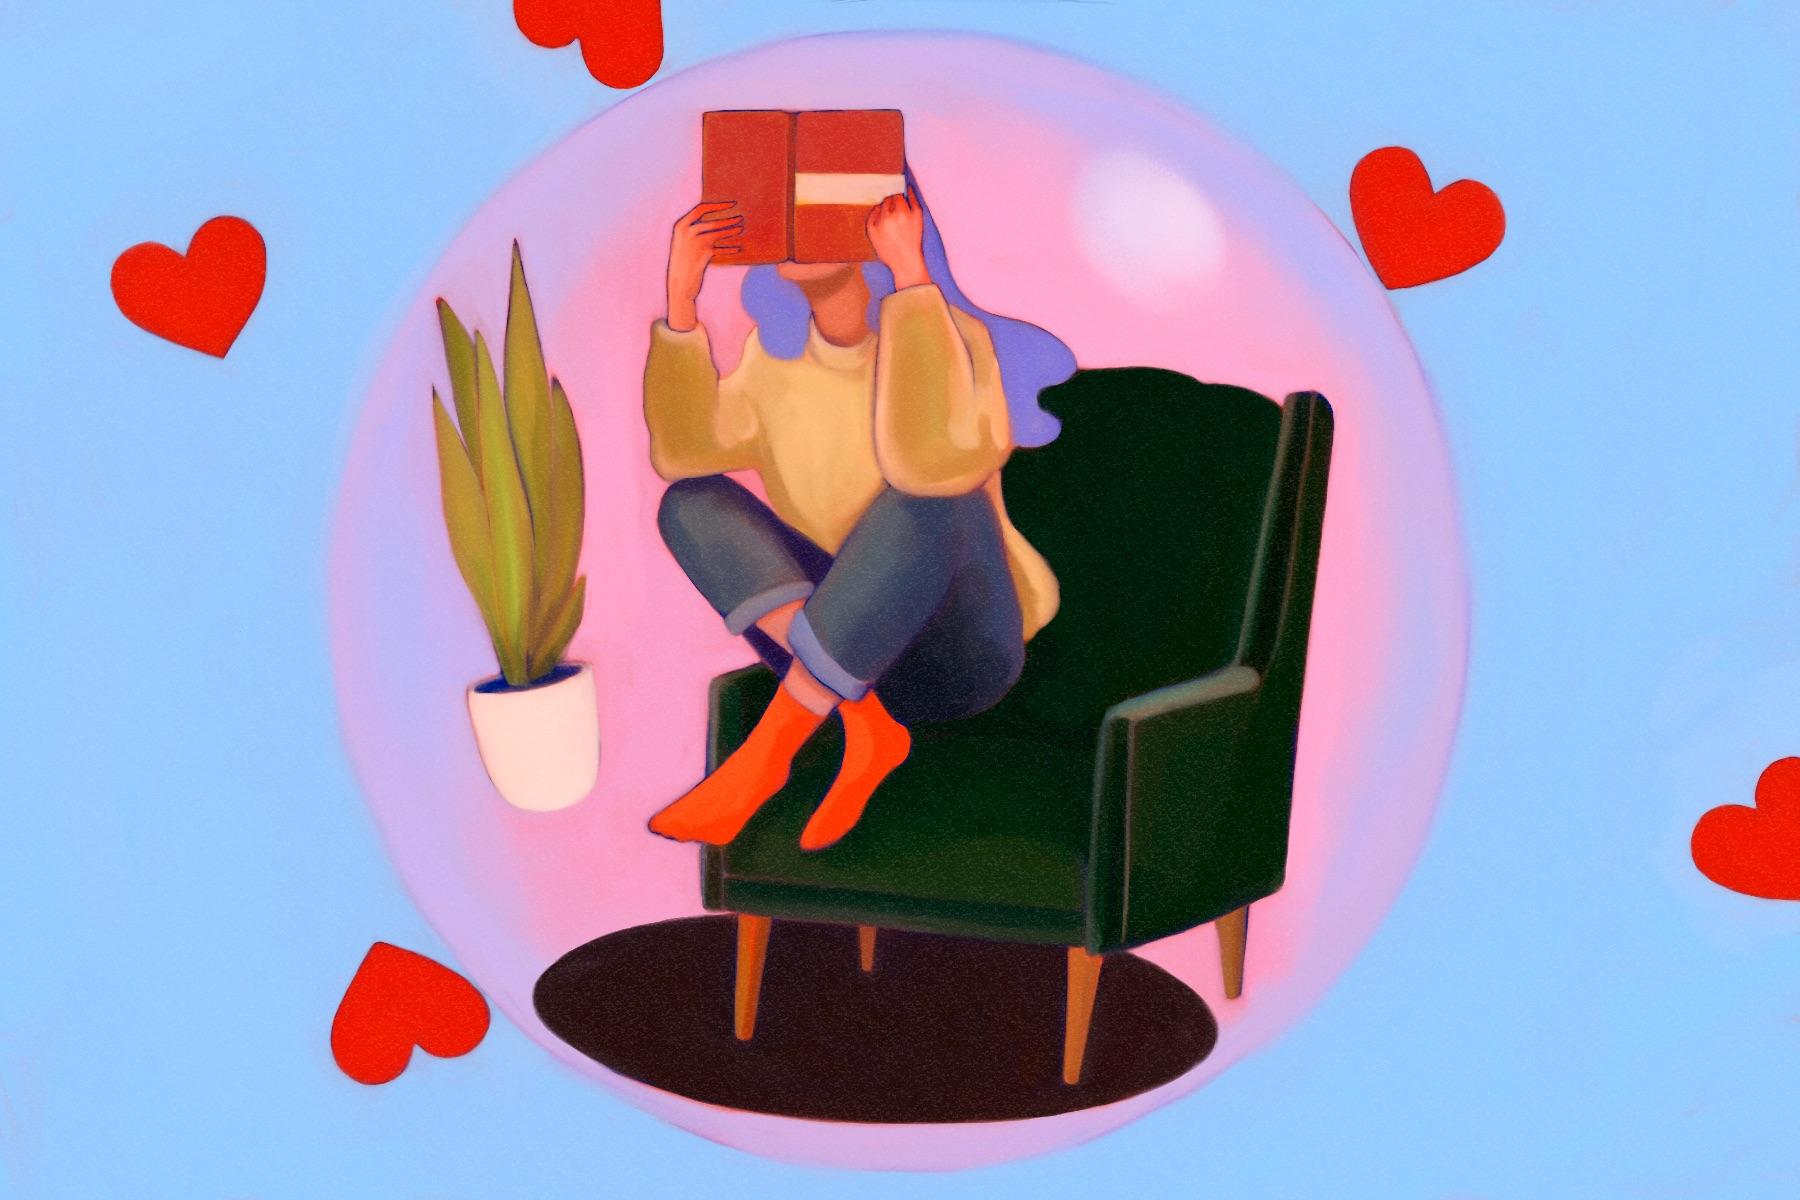 Date an Introvert